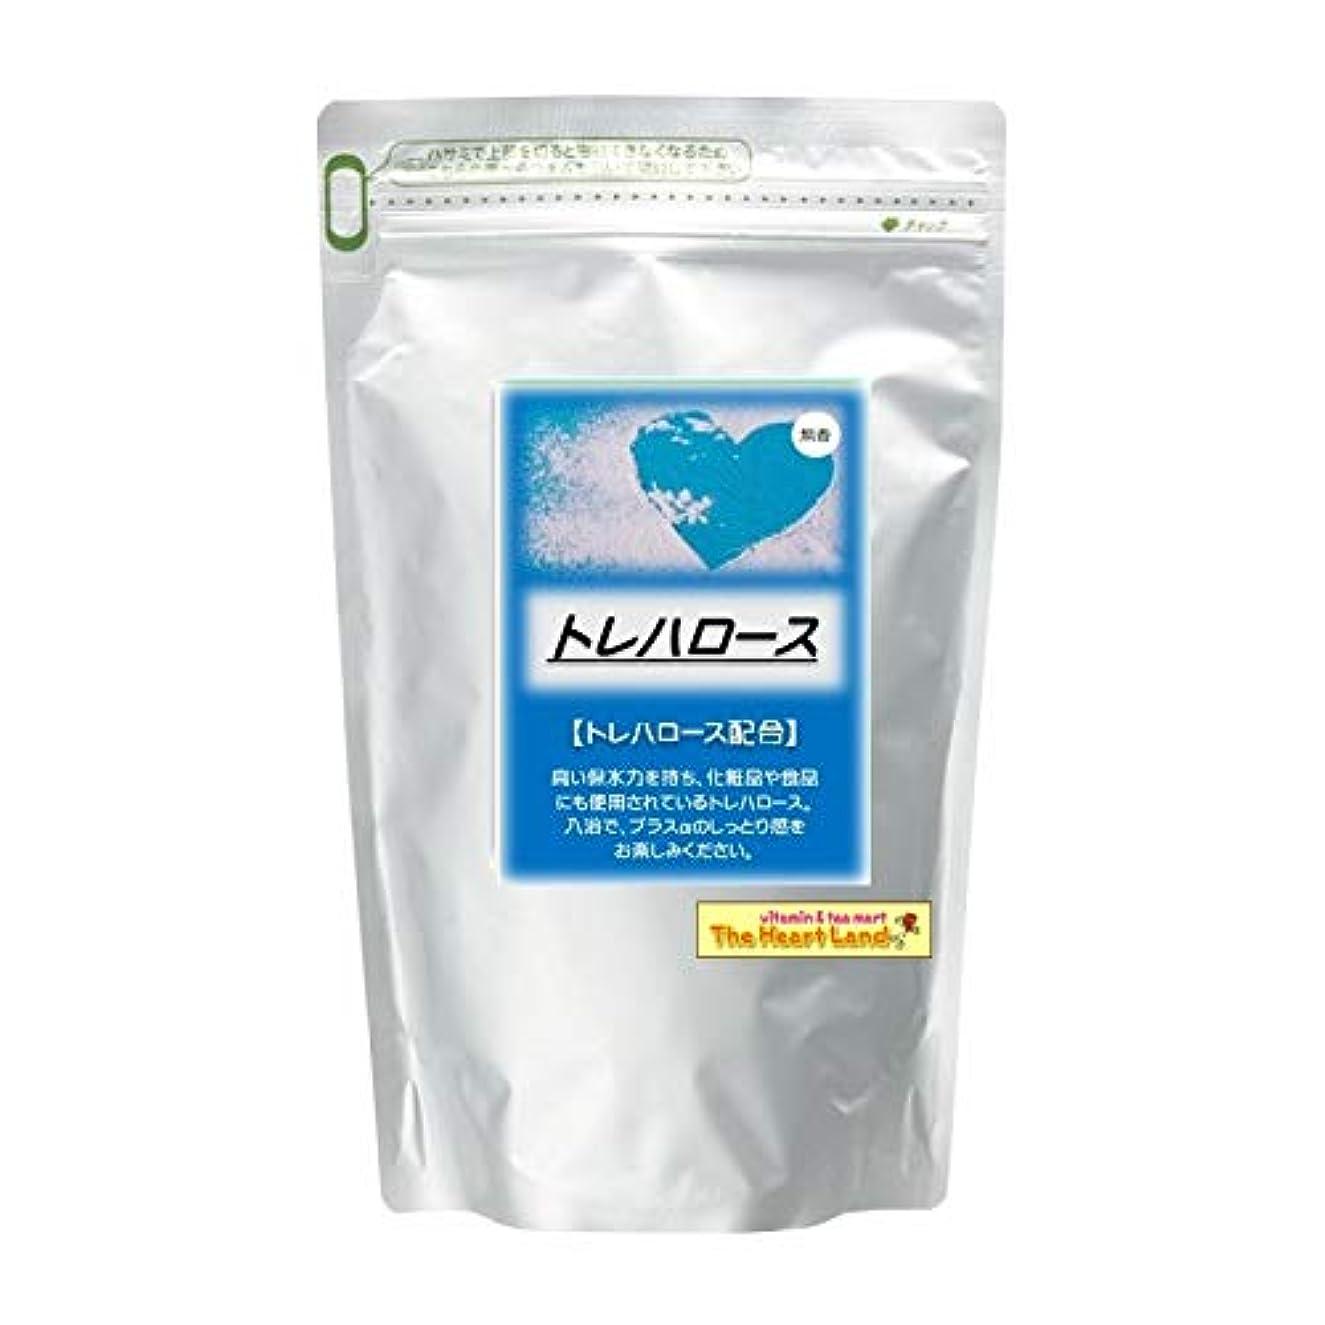 ブラシ世界の窓ミスアサヒ入浴剤 浴用入浴化粧品 トレハロース 2.5kg